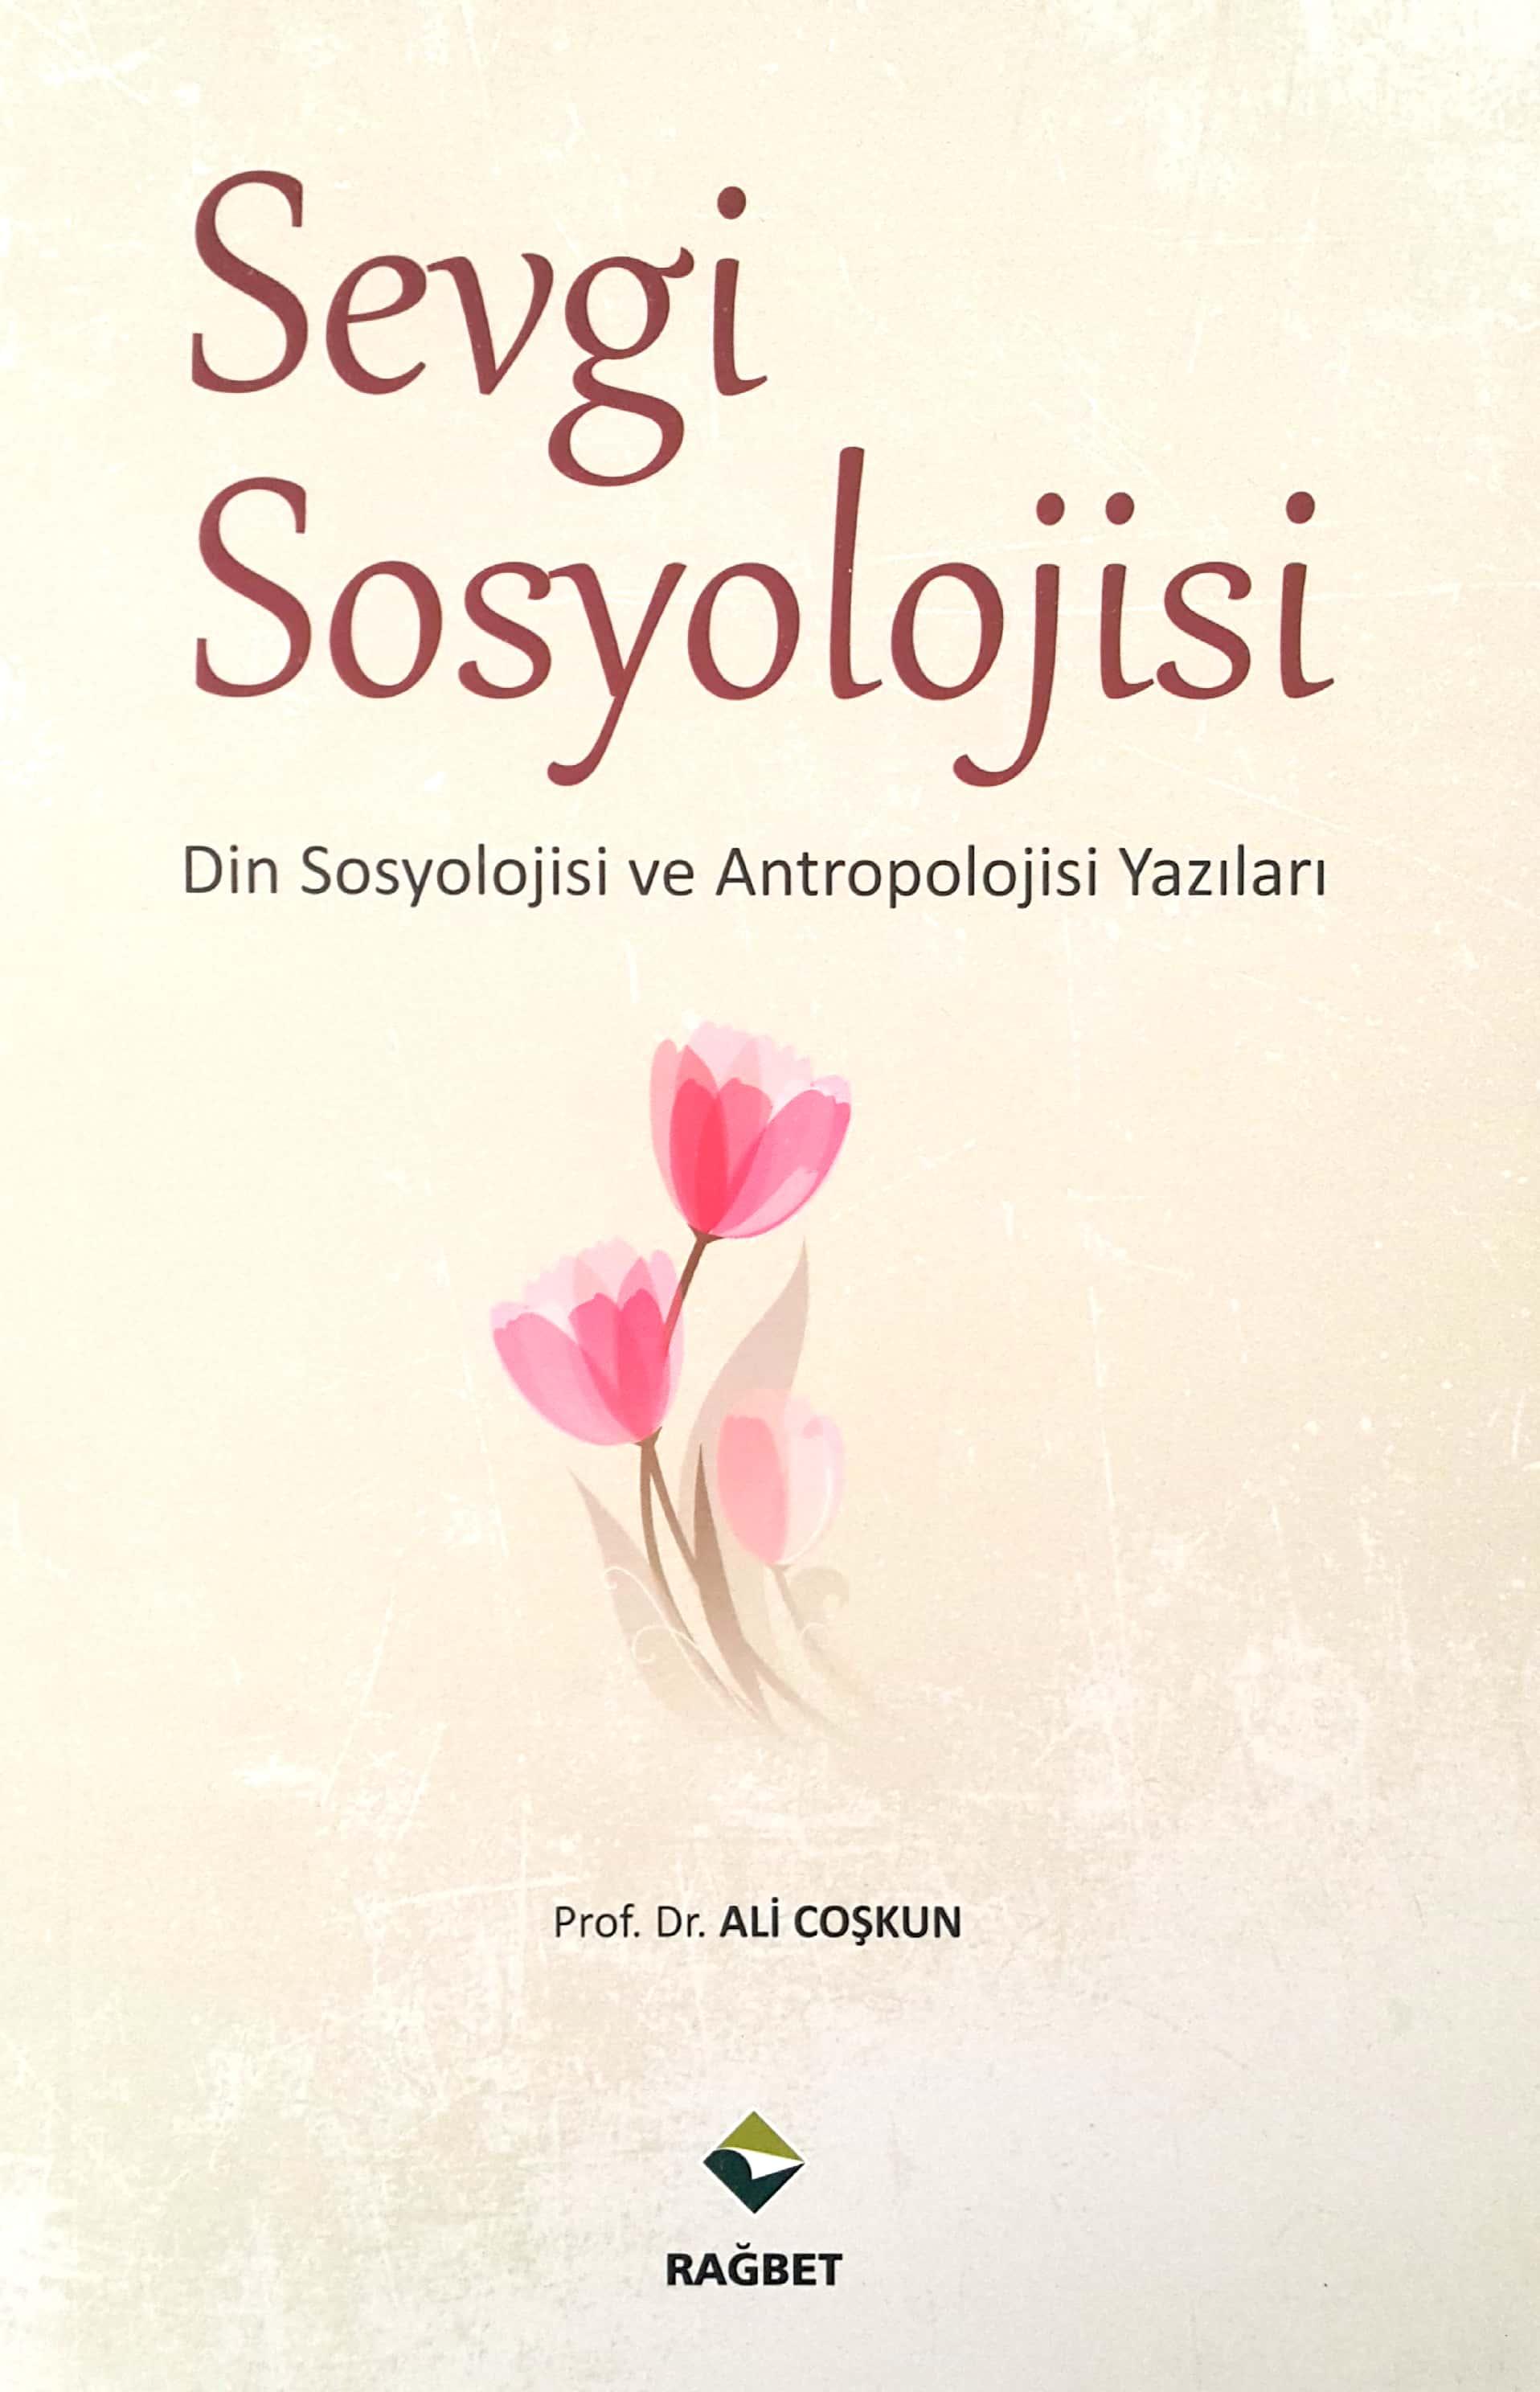 Sevgi Sosyolojisi